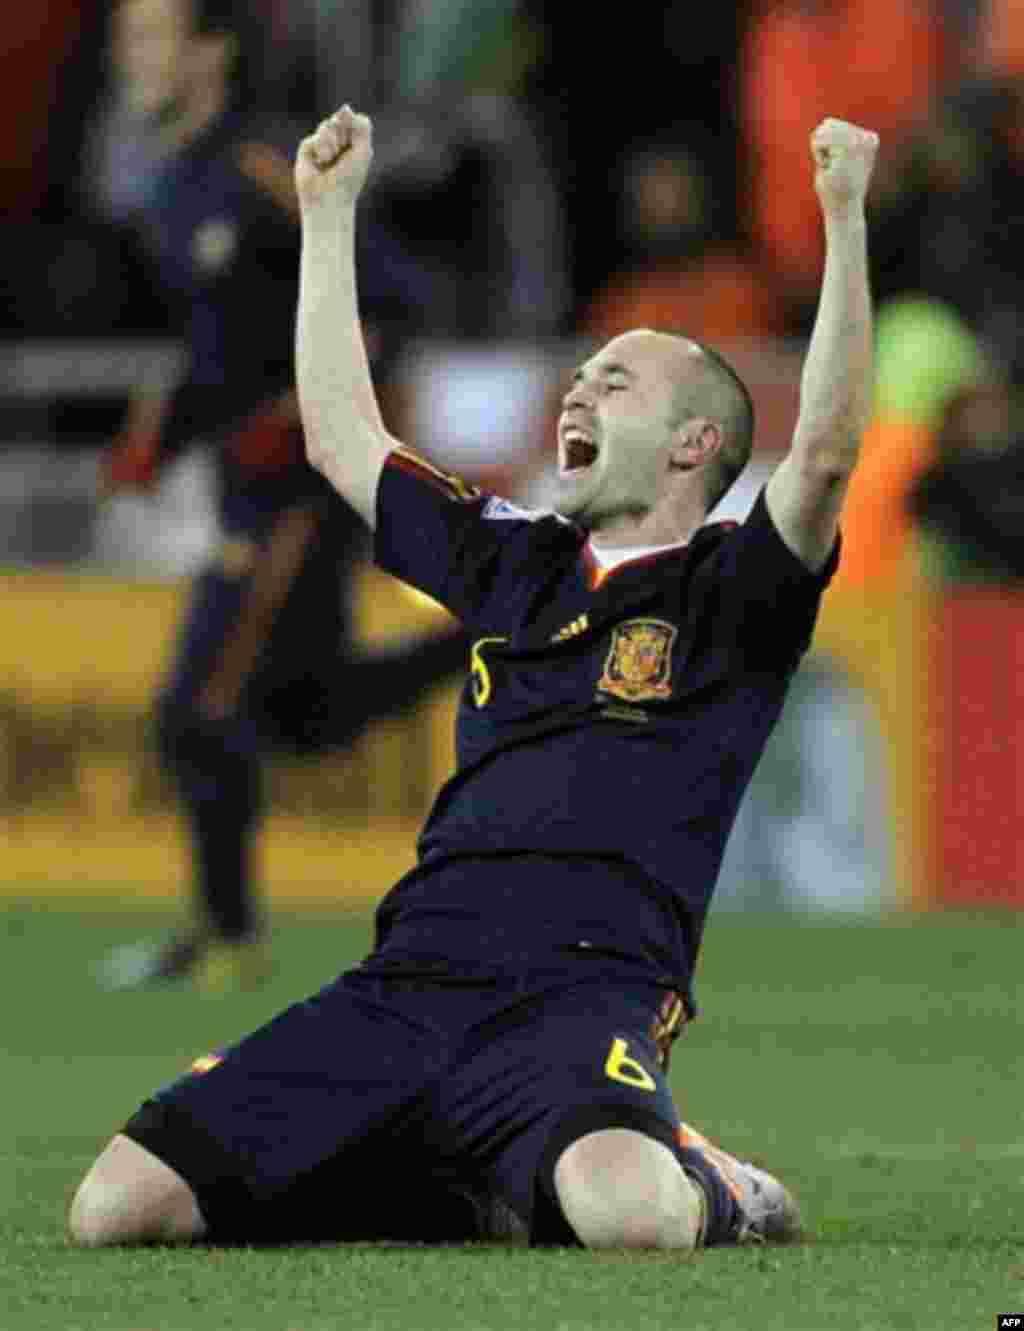 Andres Iniesta slavi (jedini) gol u 116. minutu finala protiv Holandije. Španija je ujedinila titule evropskog i svetskog prvaka u fudbalu (AP Photo/Matt Dunham)